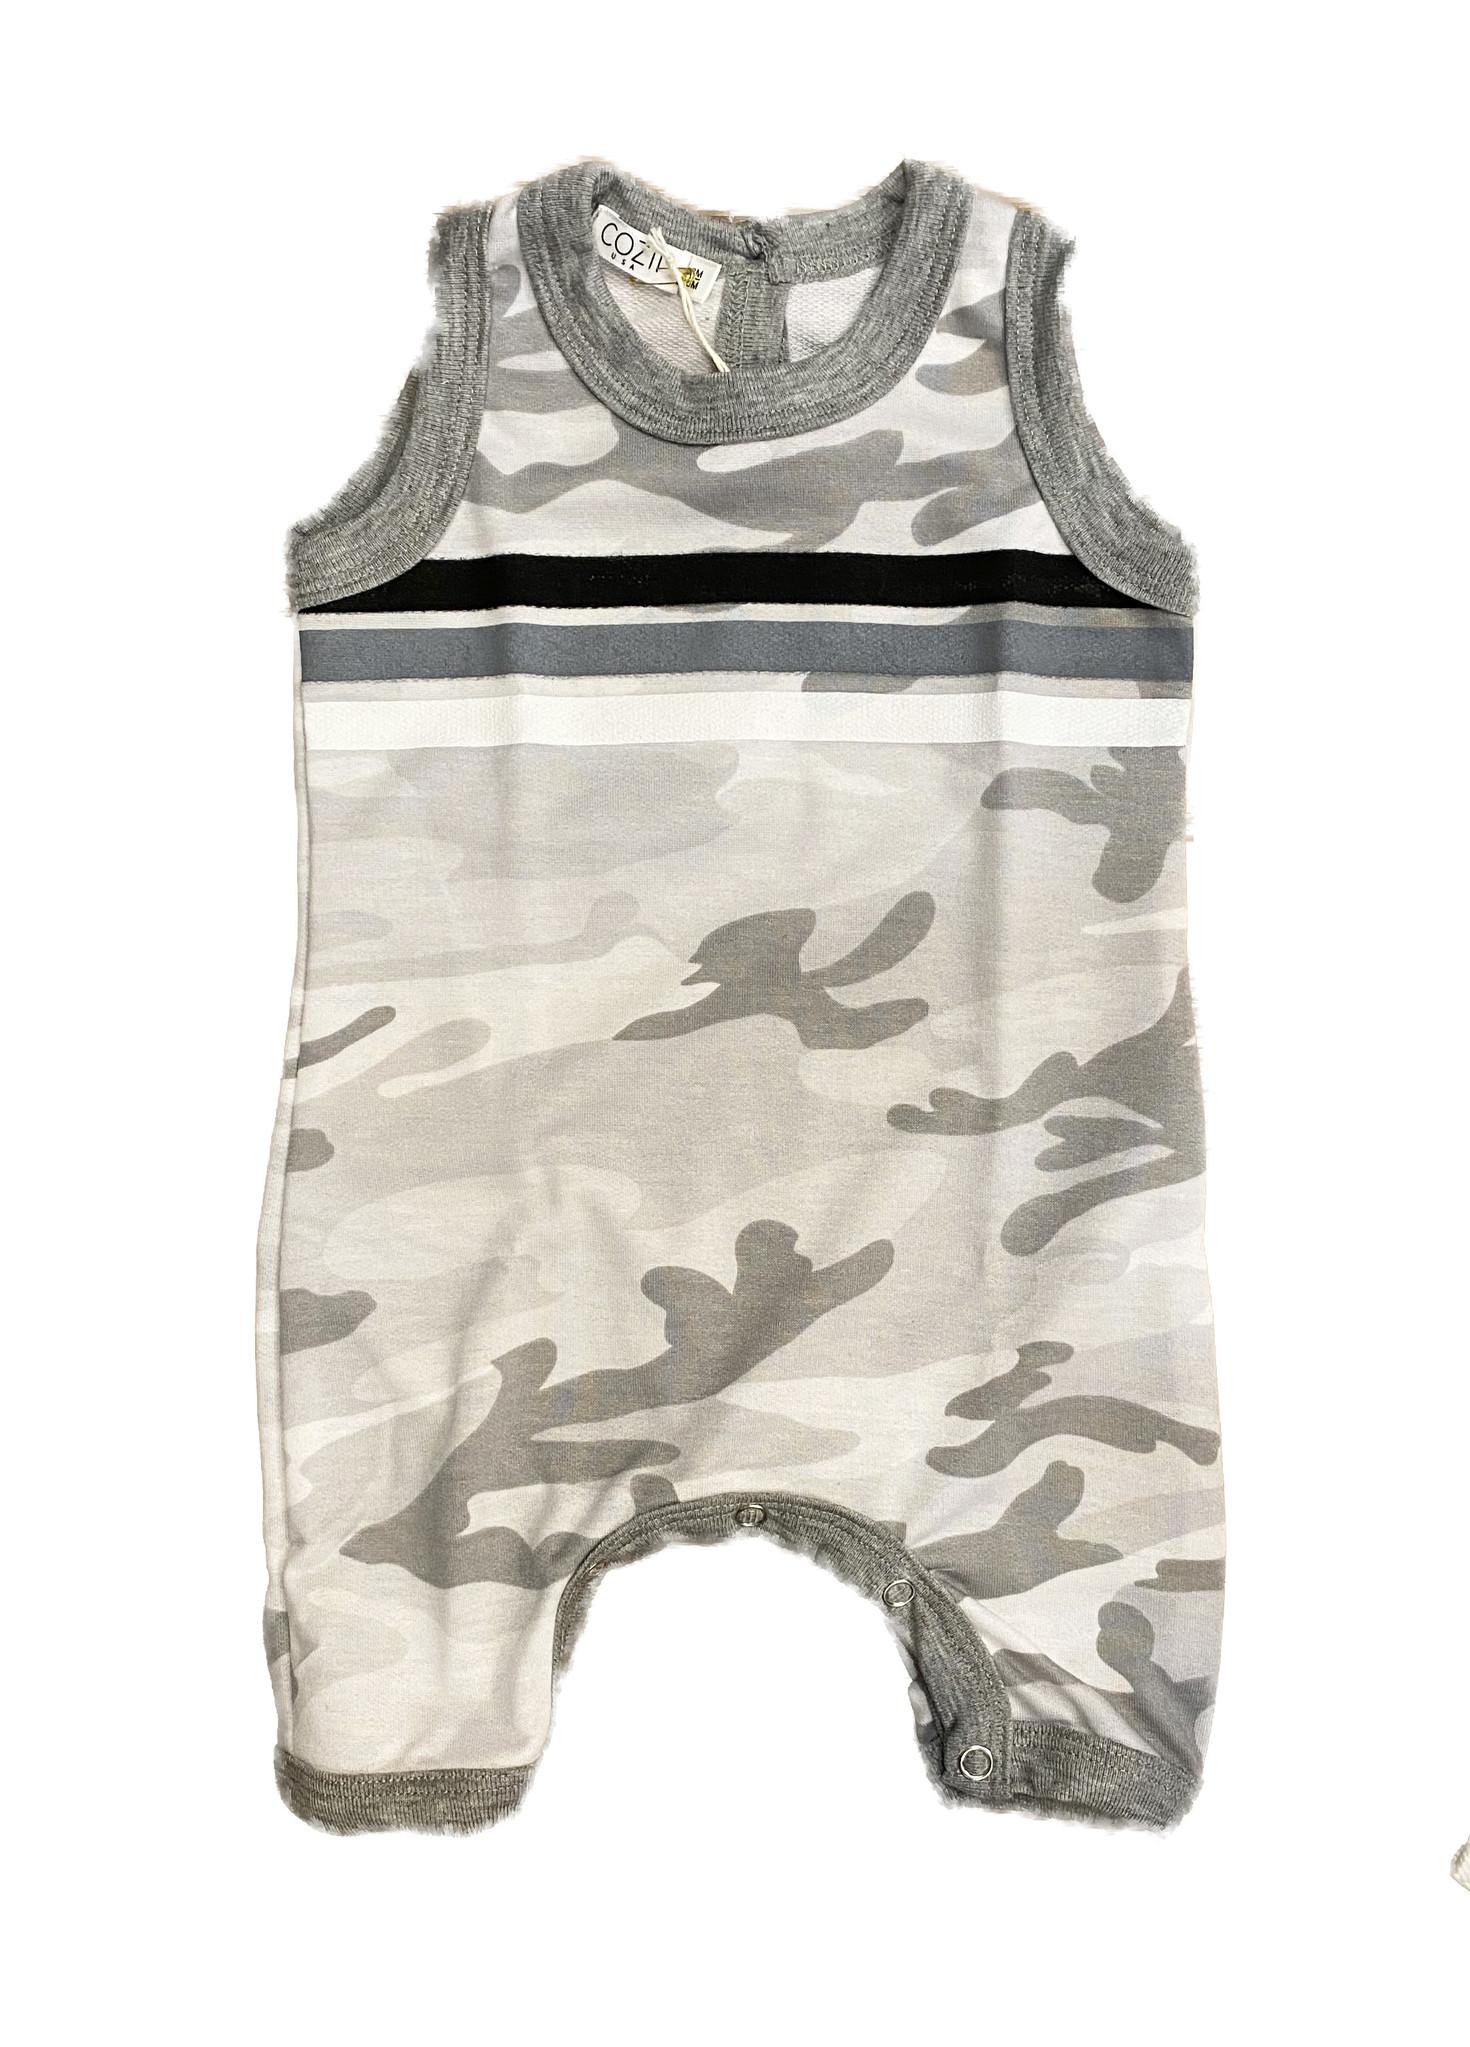 Cozii Grey Camo Striped Coverall